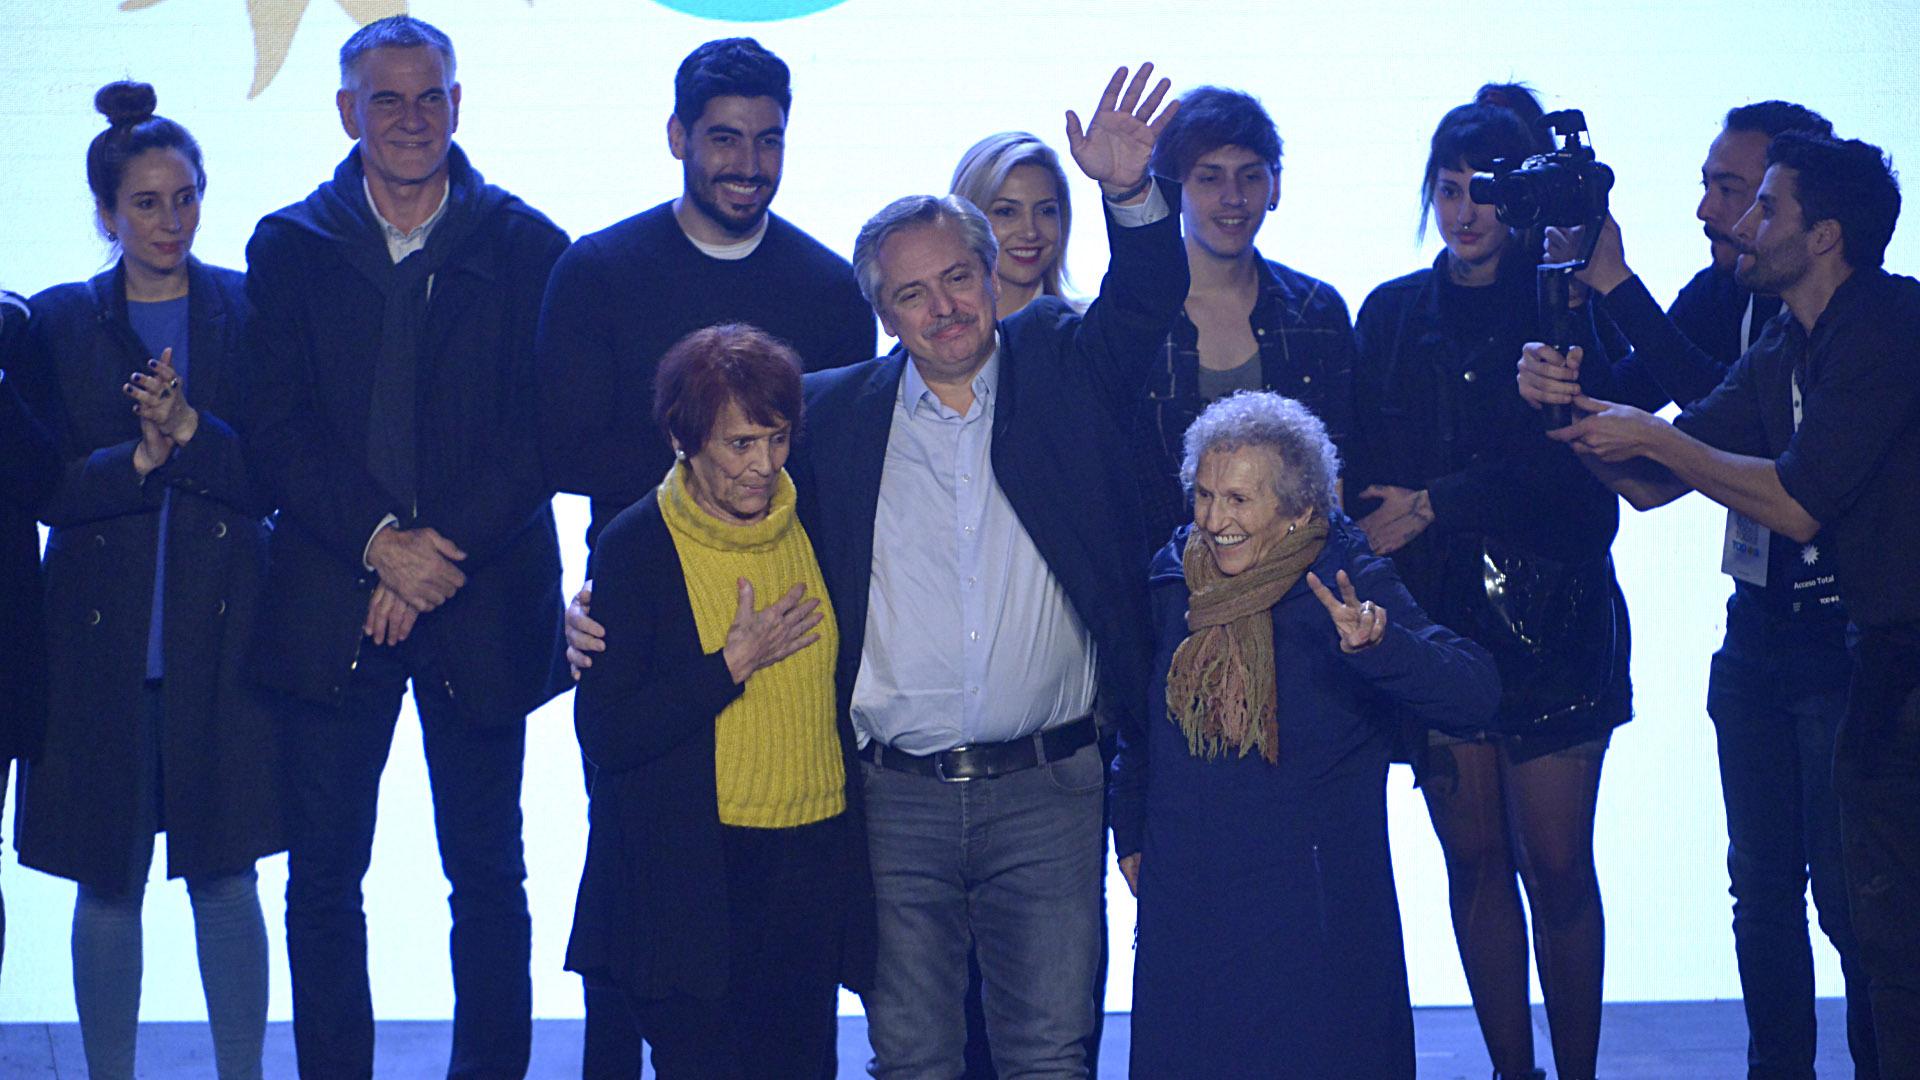 Alberto Fernández salió al escenario en compañía de Taty Almeida (Madres de Plaza de Mayo) y de Lita Boitano (Familiares de Desaparecidos y Detenidos por Razones Políticas) (Gustavo Gavotti)